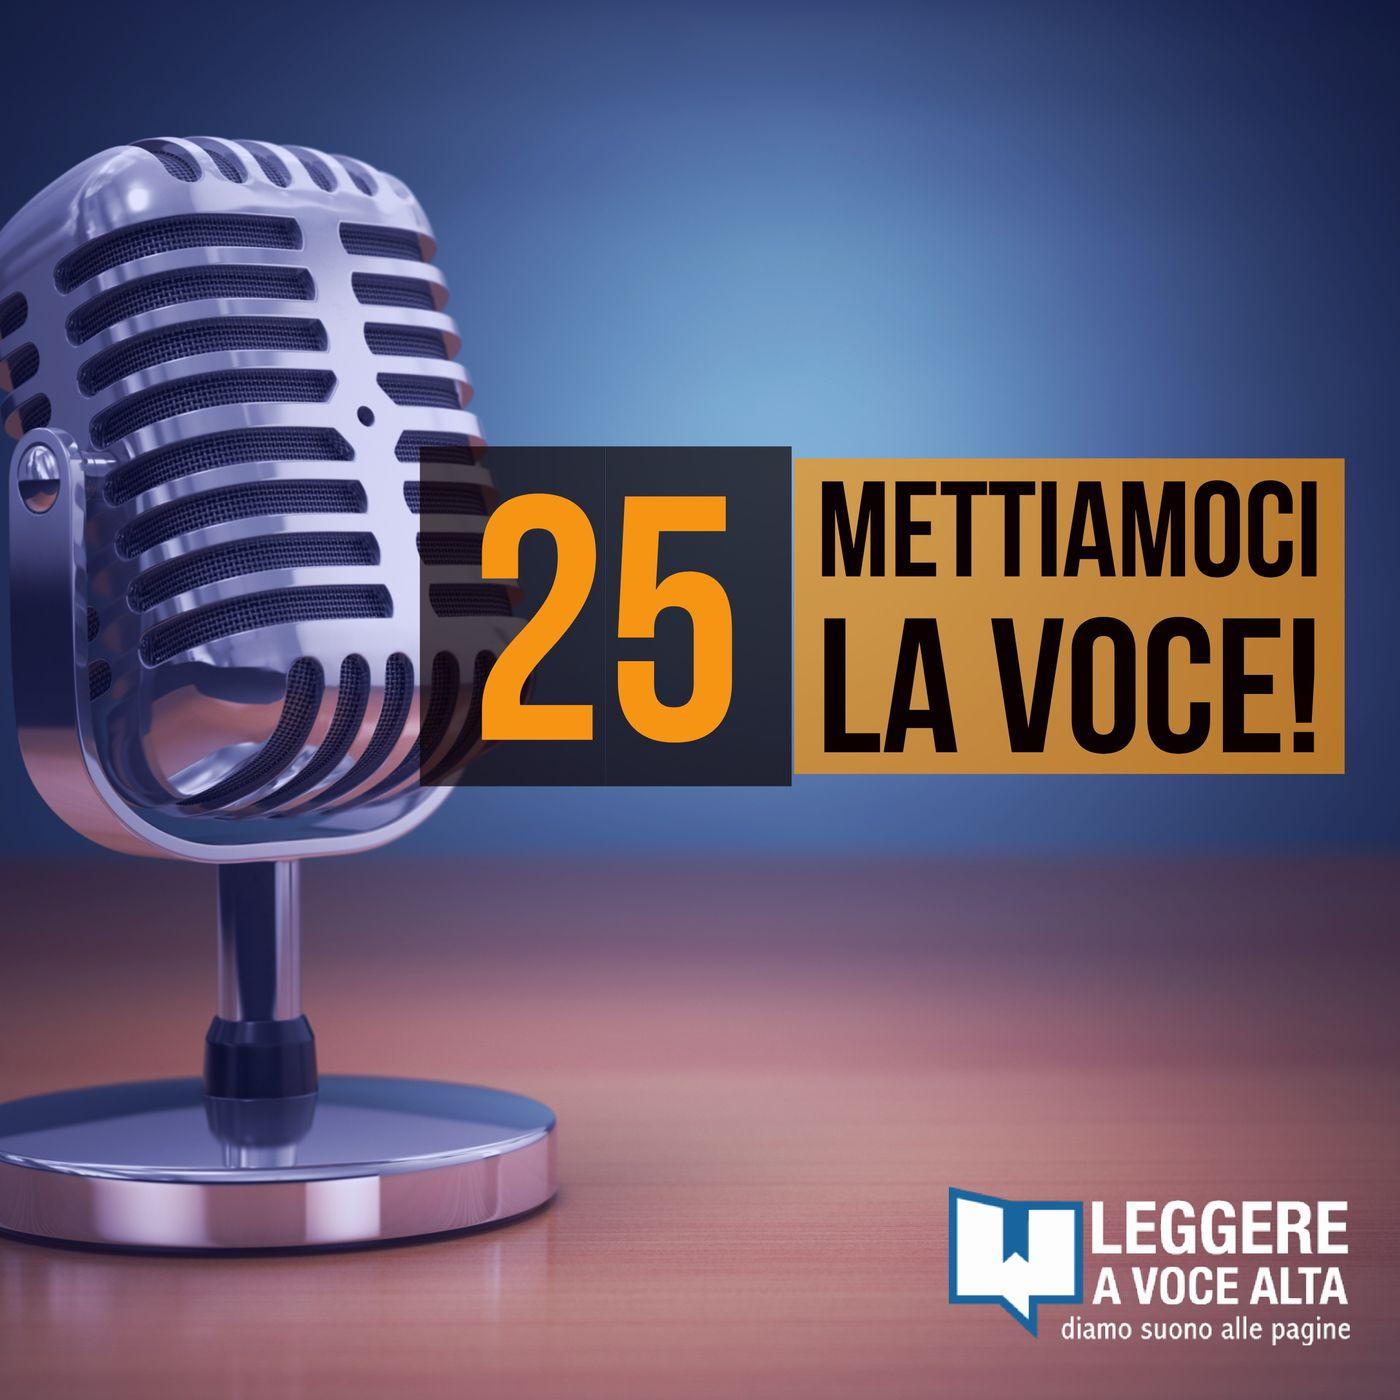 25 - leggere col microfono